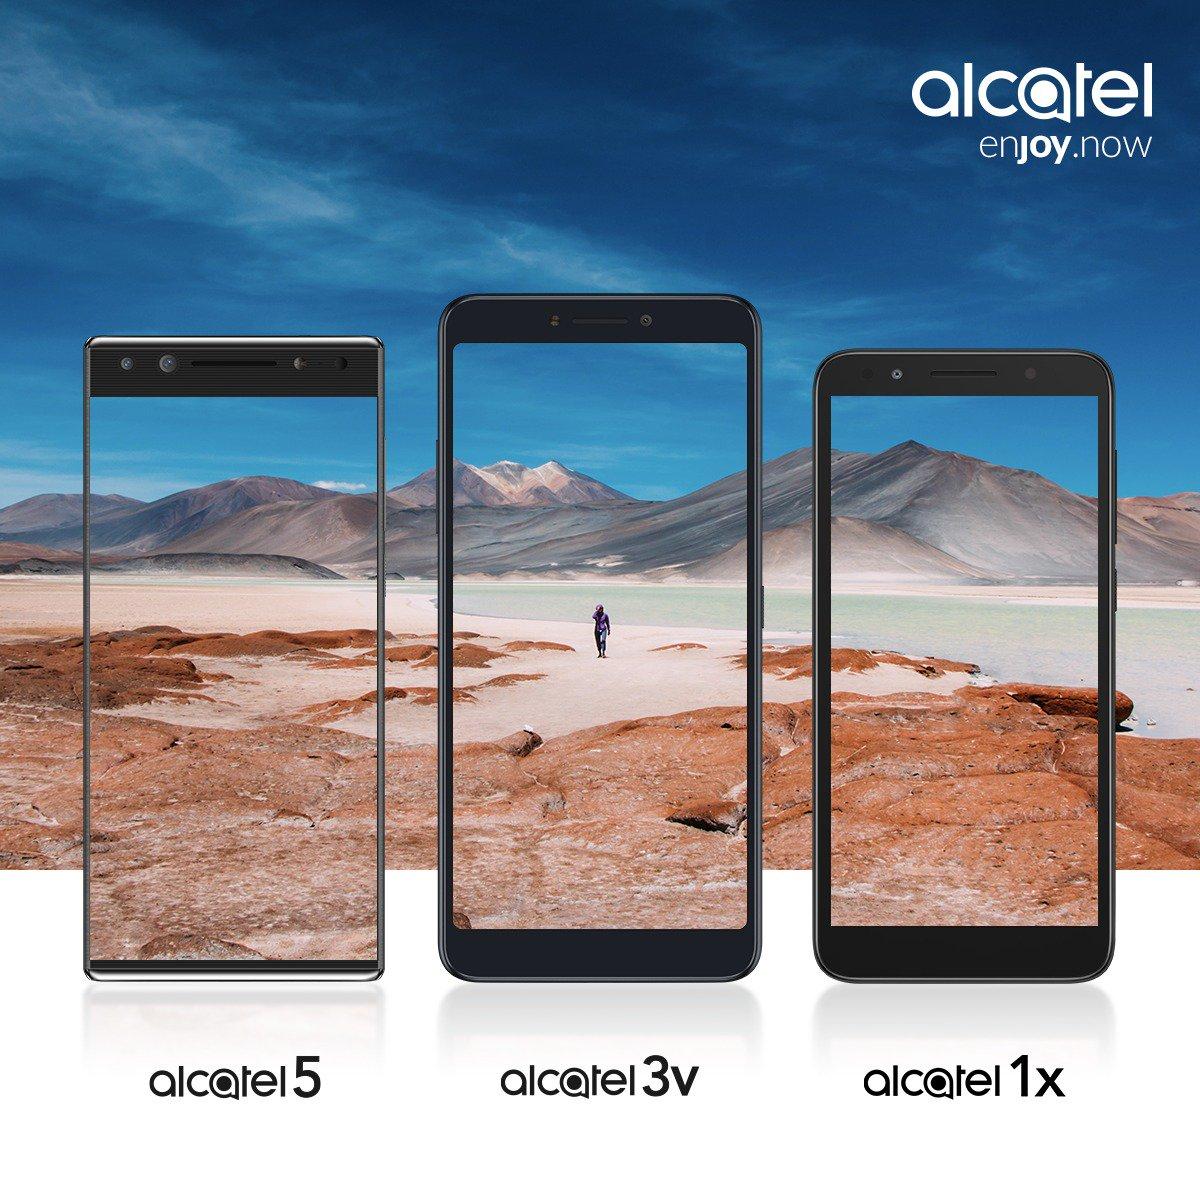 Анонс смартфонов Alcatel 5, Alcatel 3v и Alcatel 1x назначен на 24 февраля